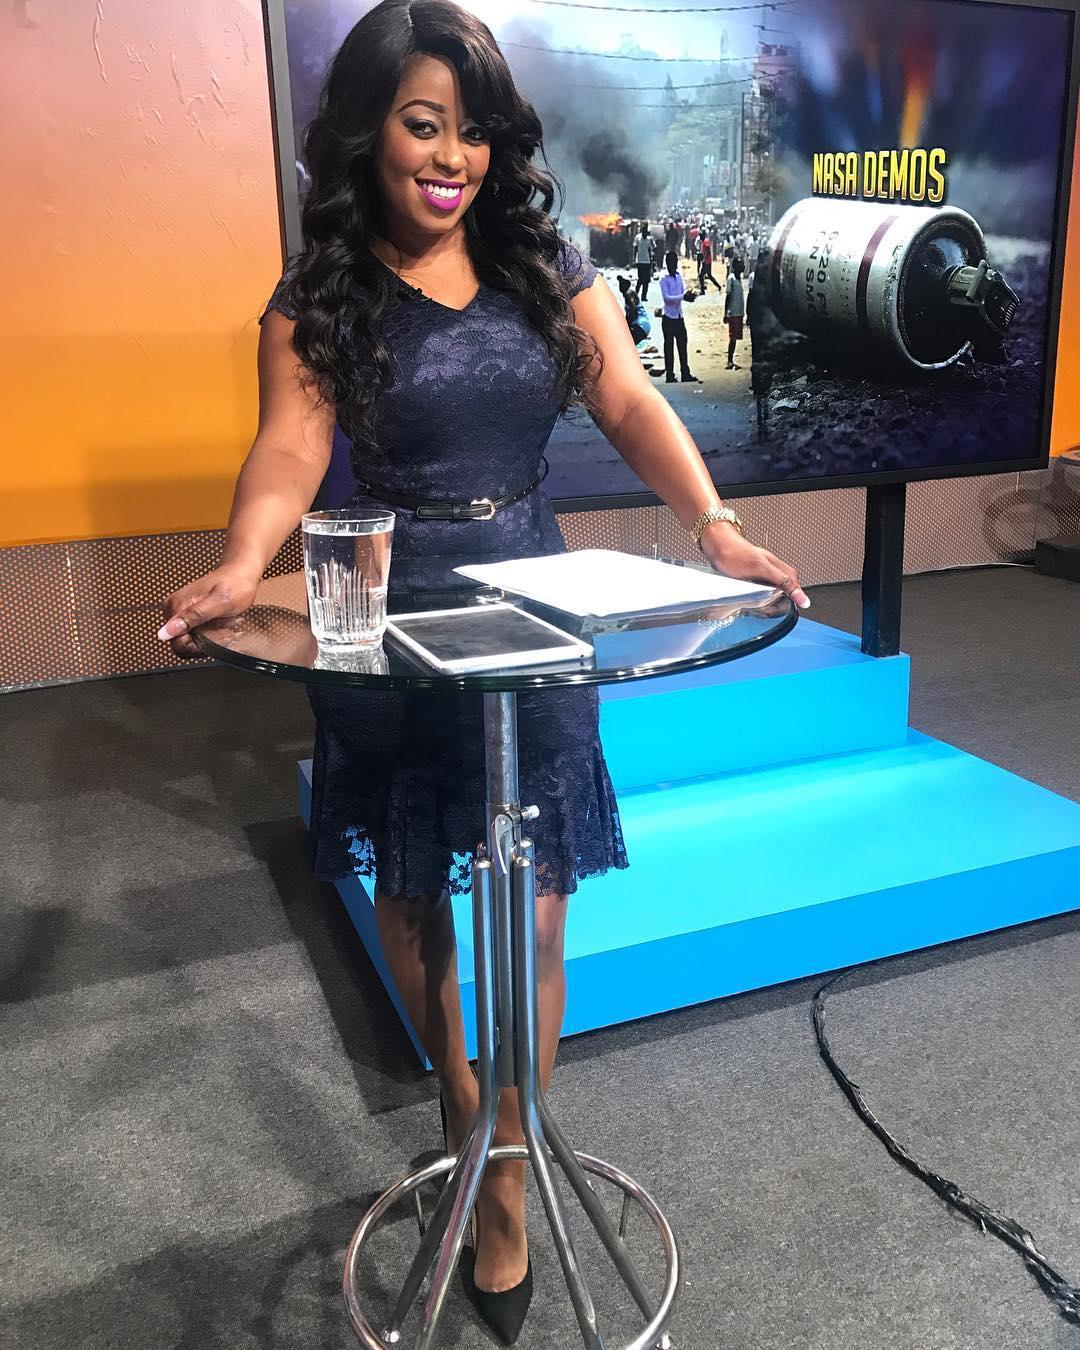 Lillian Muli in Citizen TV's studio. photo credit: Instagram/lilmuli